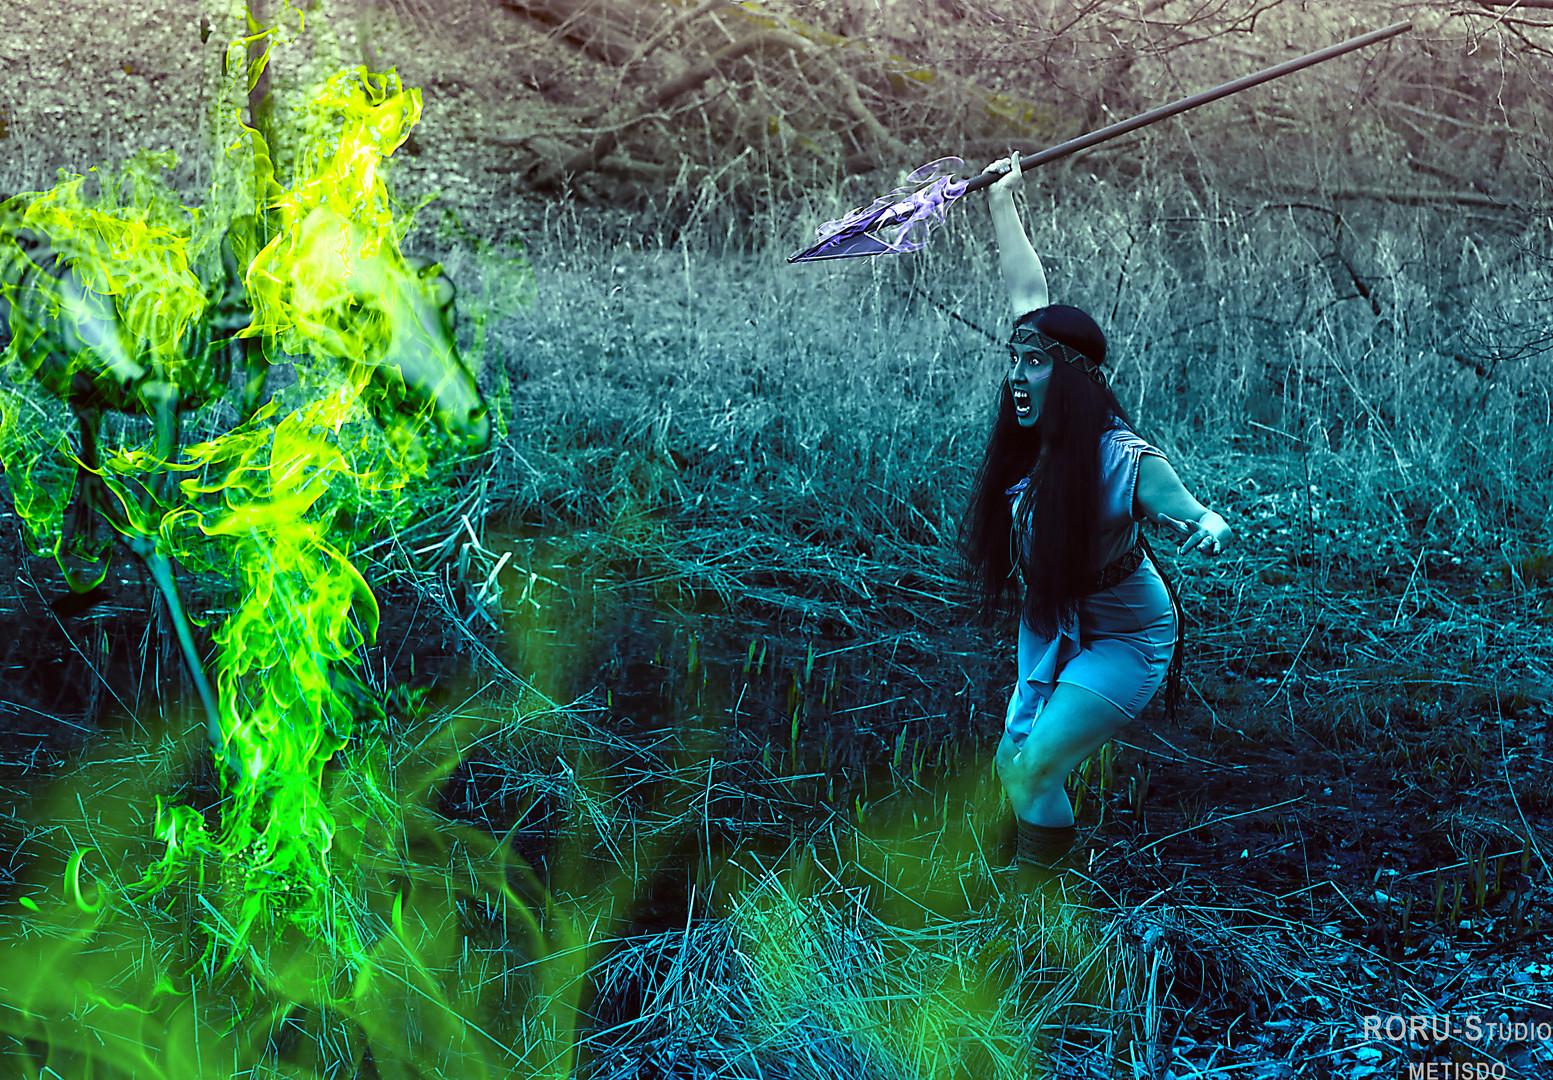 Die Kriegerin kämpft im Urwald